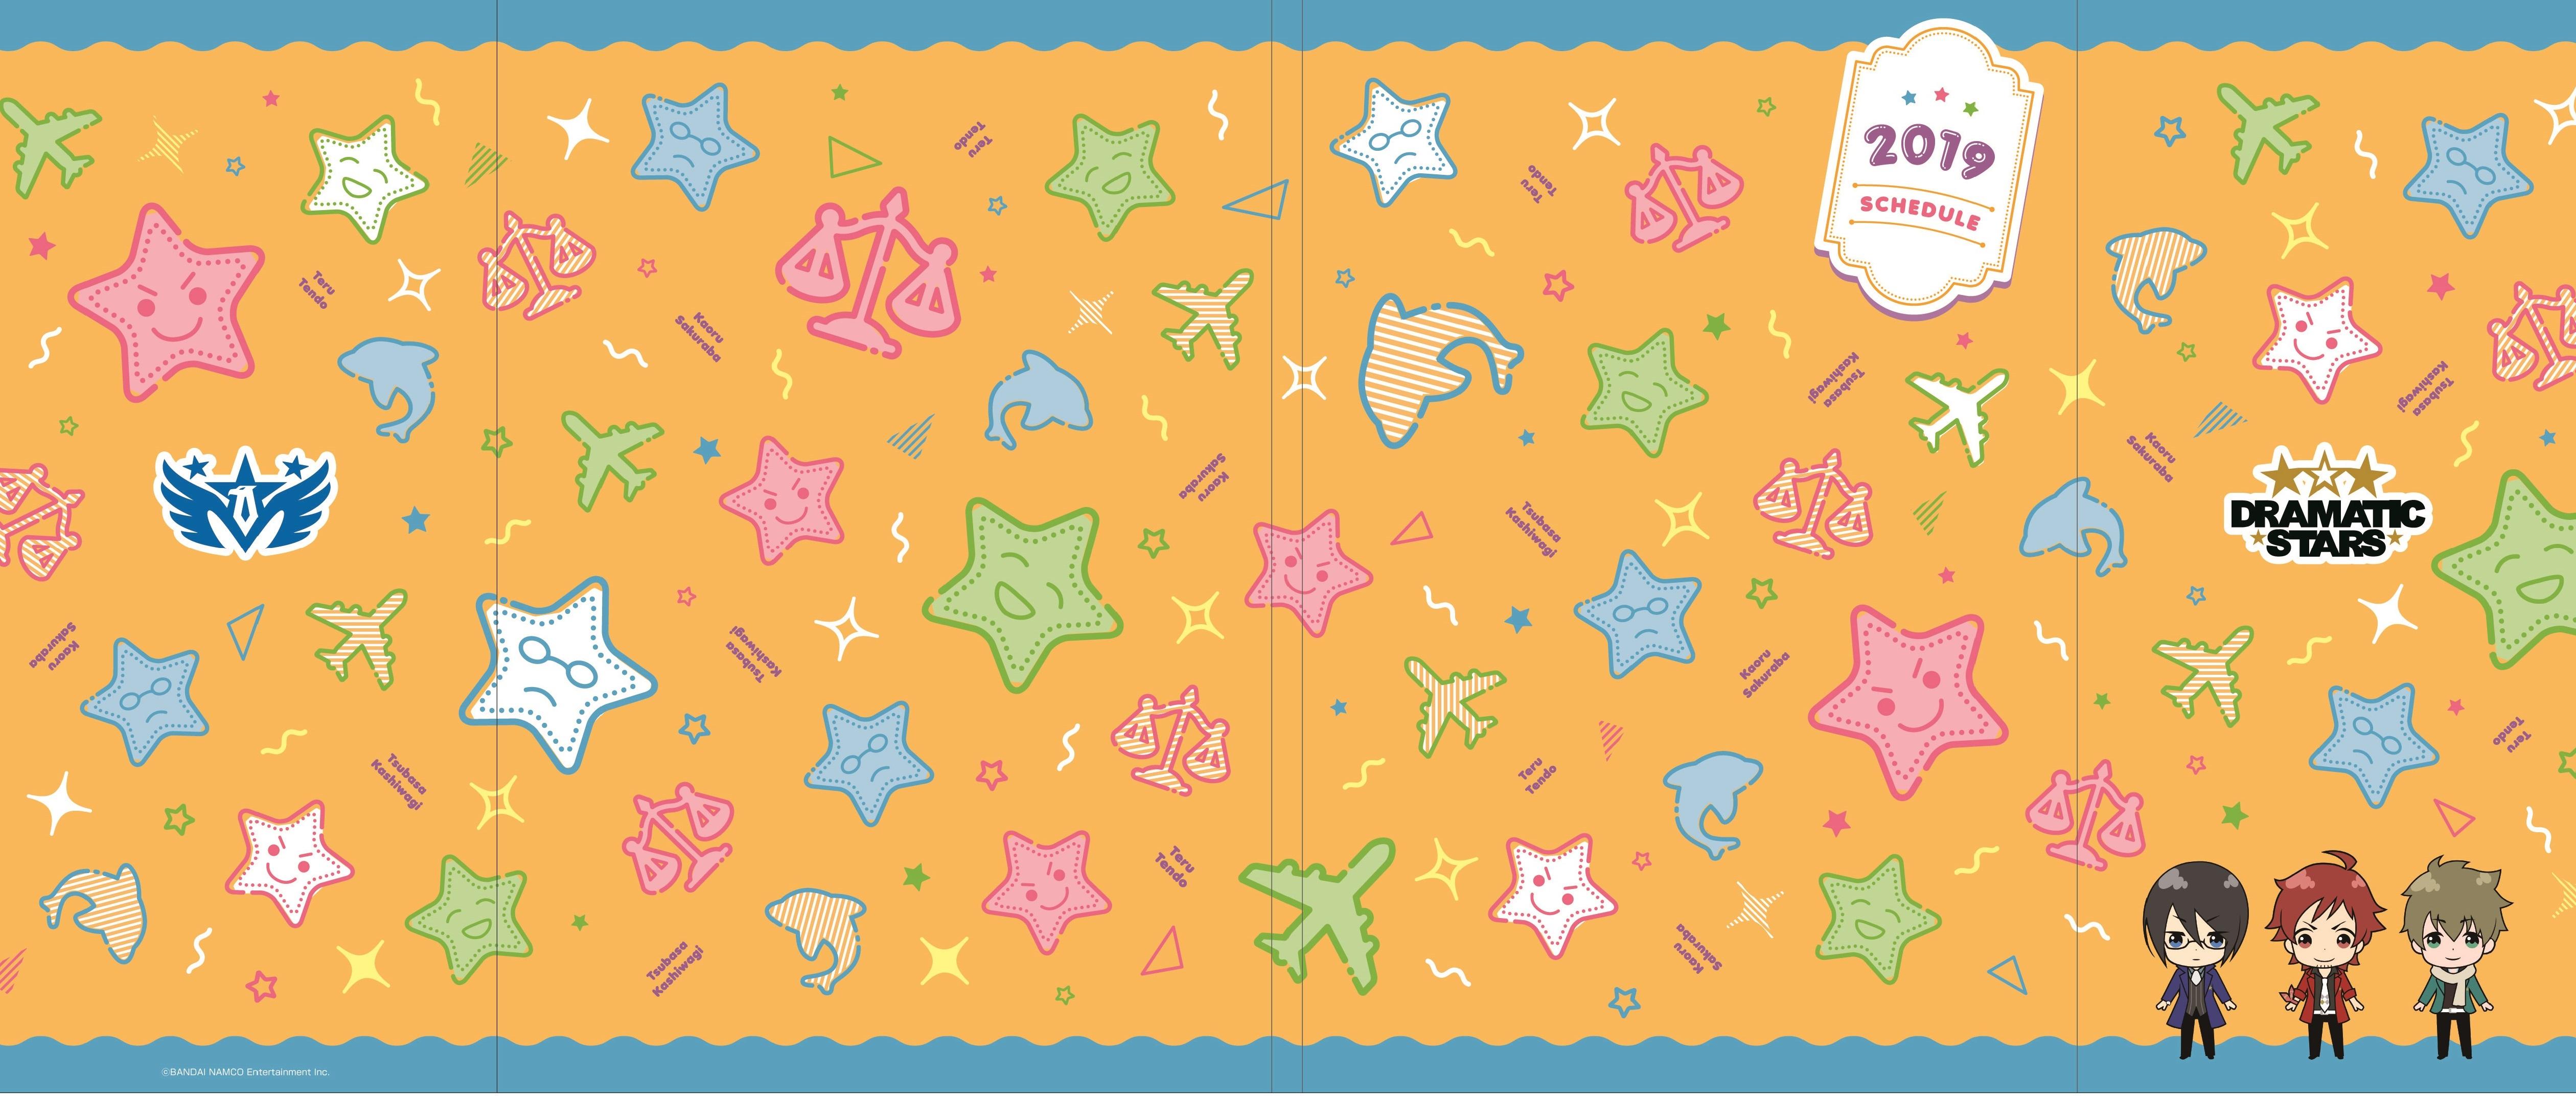 アイドルマスター SideM 2019年度スケジュール帳 DRAMATIC STARS